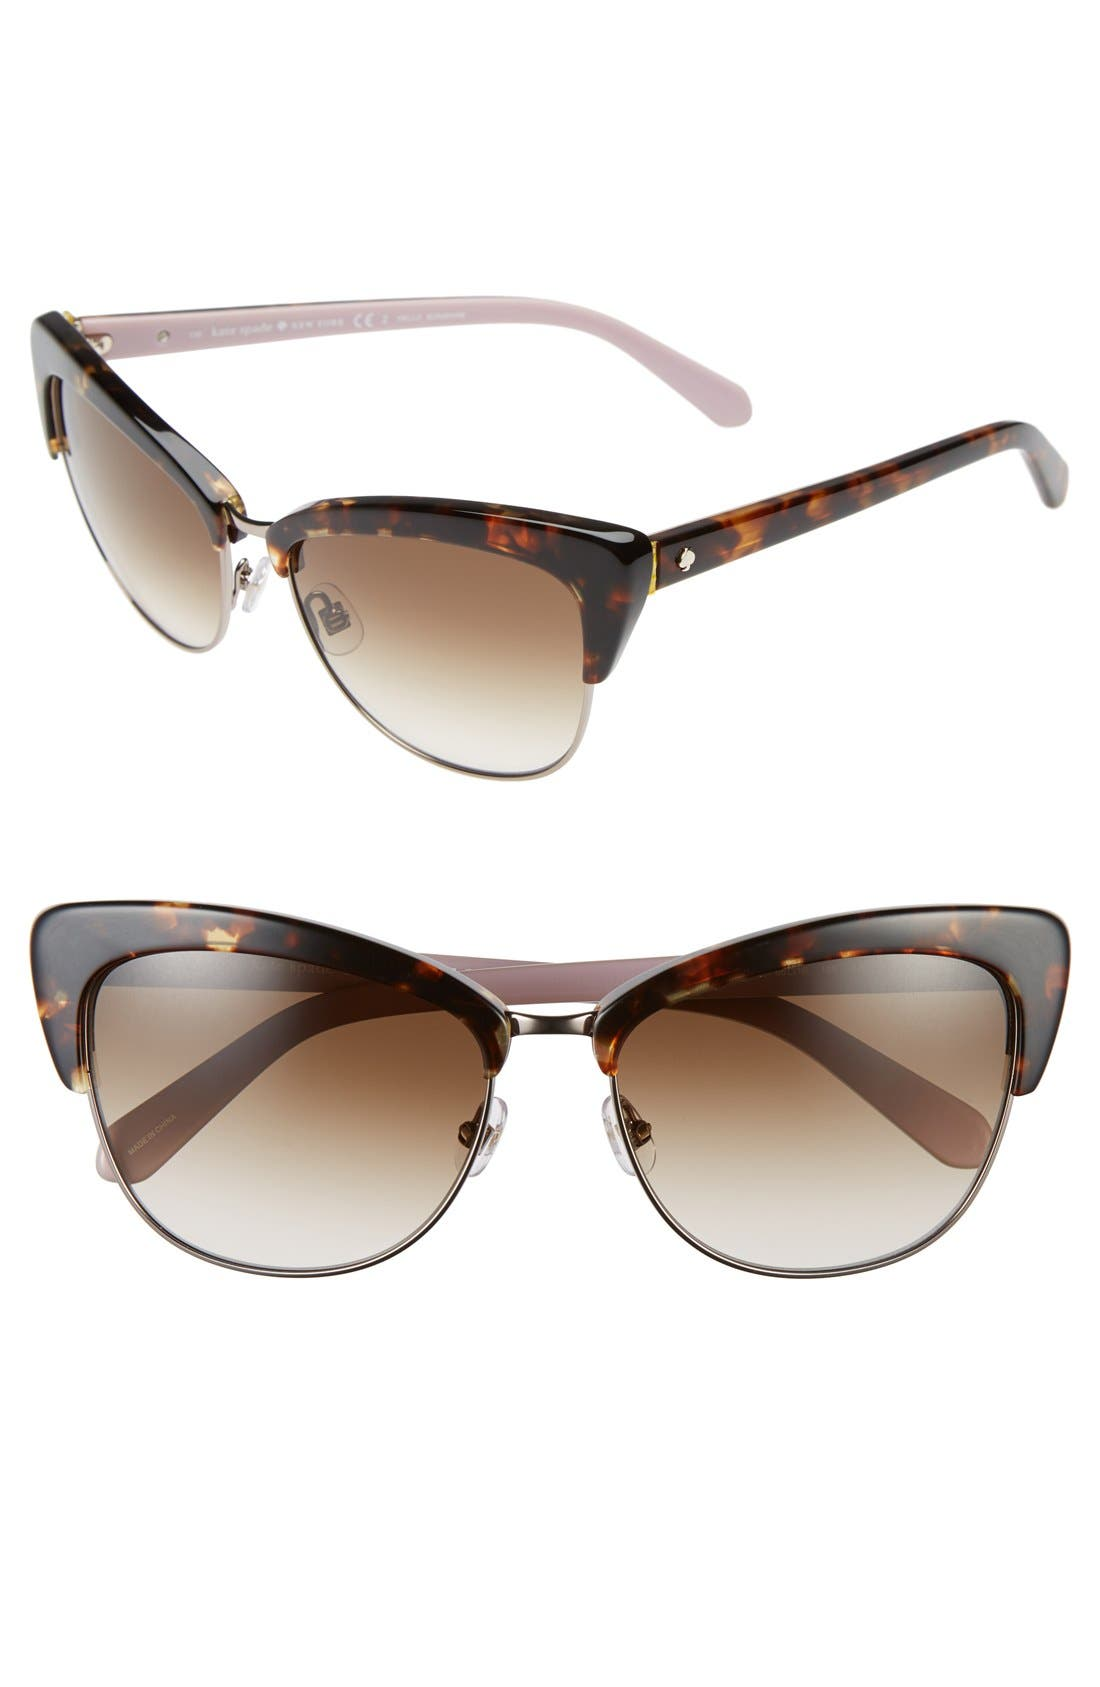 Alternate Image 1 Selected - kate spade new york 'genette' 56mm cat eye sunglasses